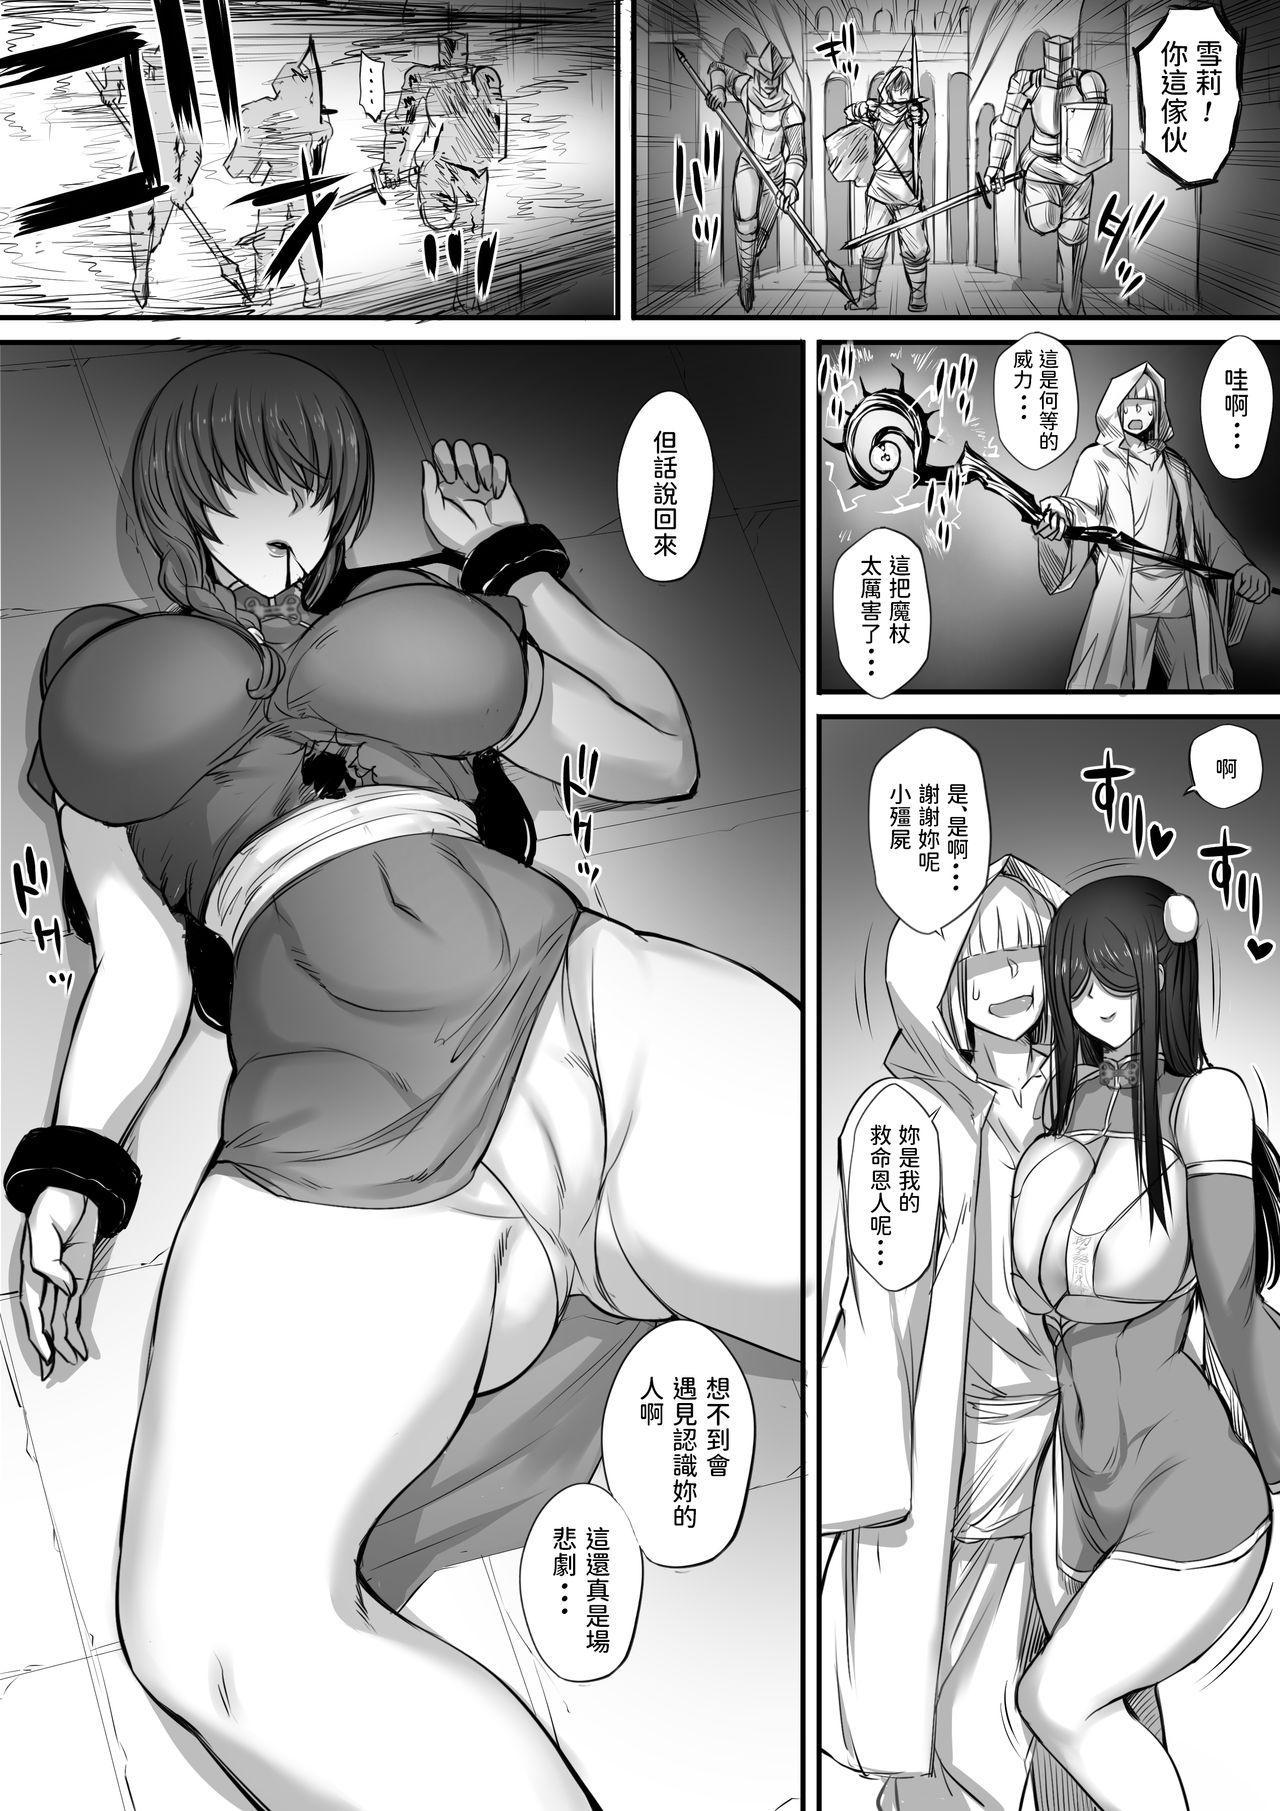 Meikyuu de Kakutou Musume no Shitai o Hirotte Jiangshi ni Shitemita Hanashi 2 4